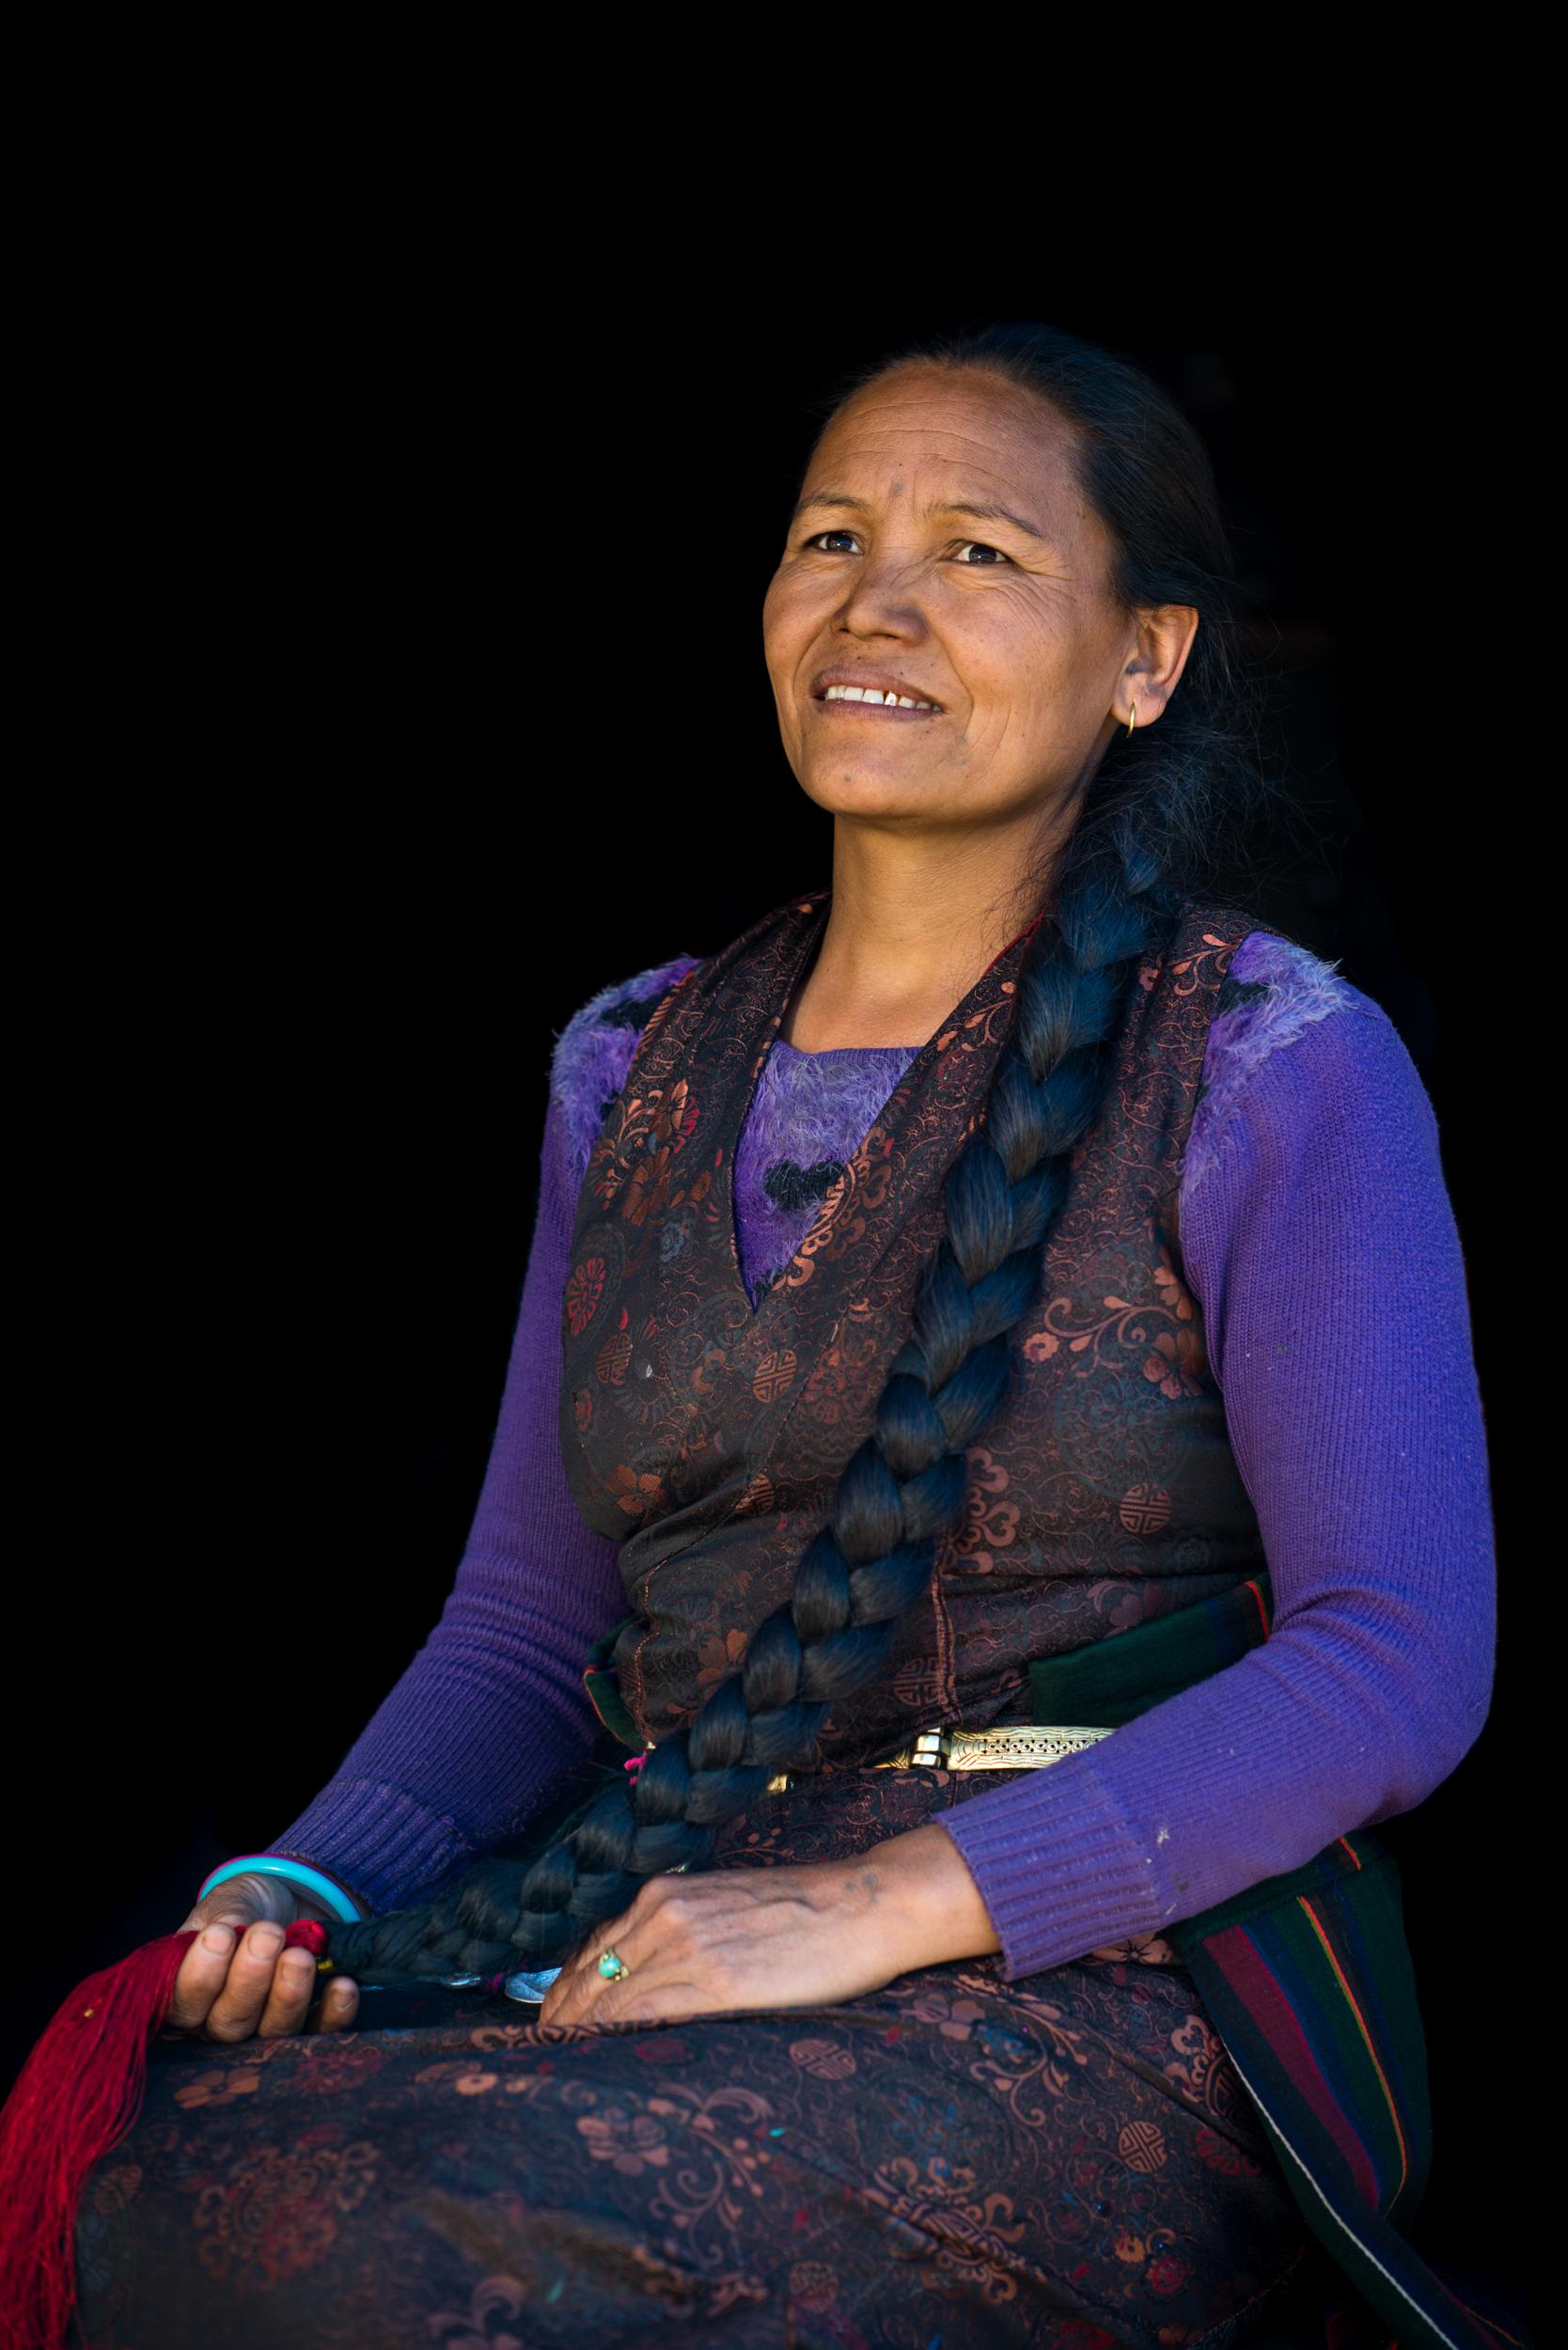 Tamang woman, Nepal